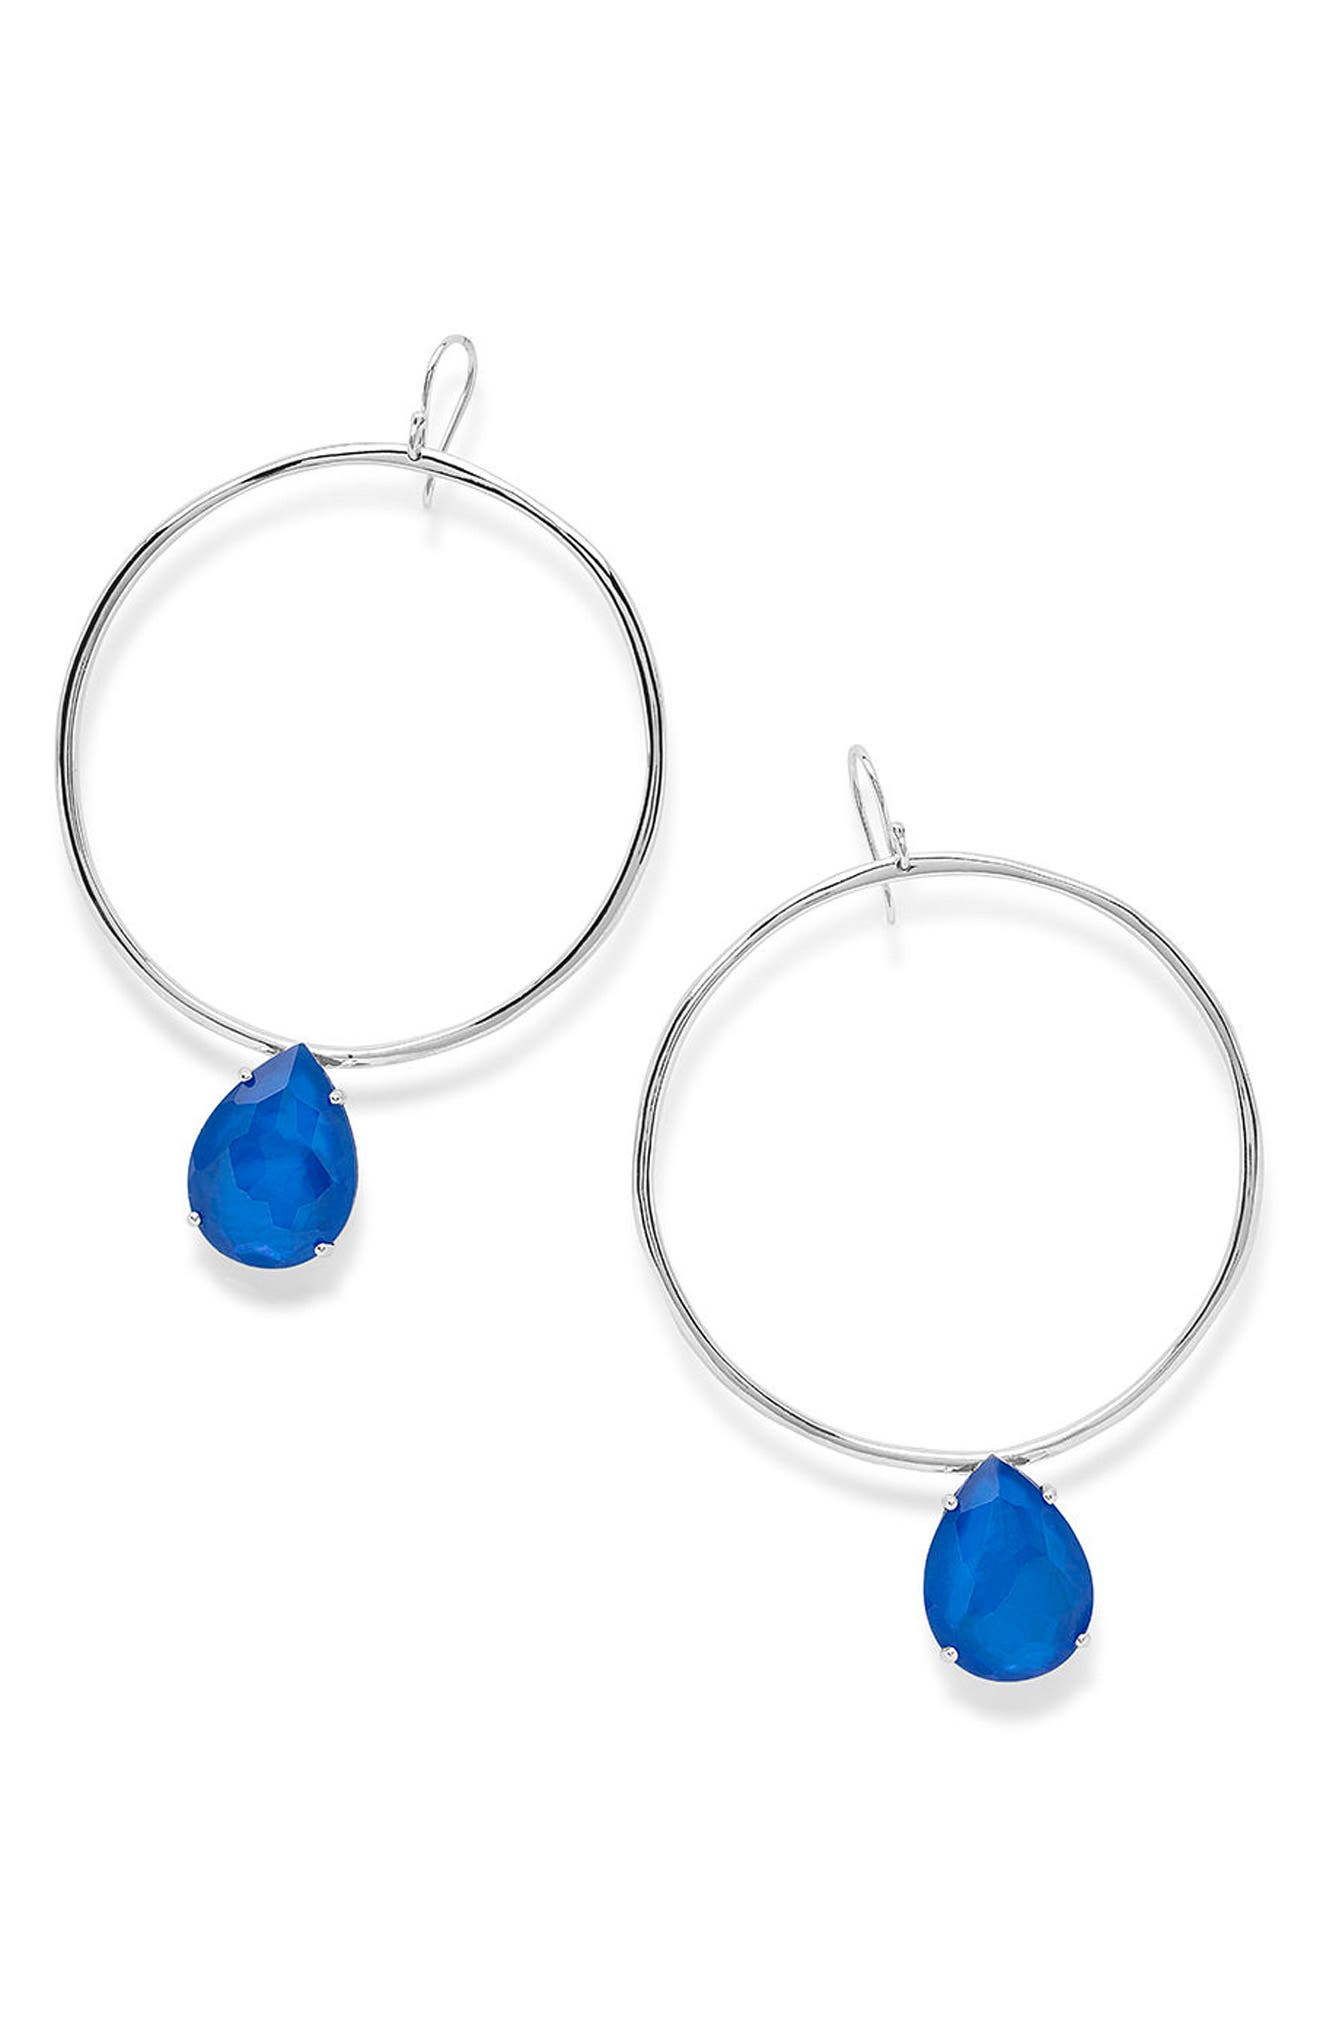 Main Image - Ippolita Wonderland Large Frontal Hoop Earrings